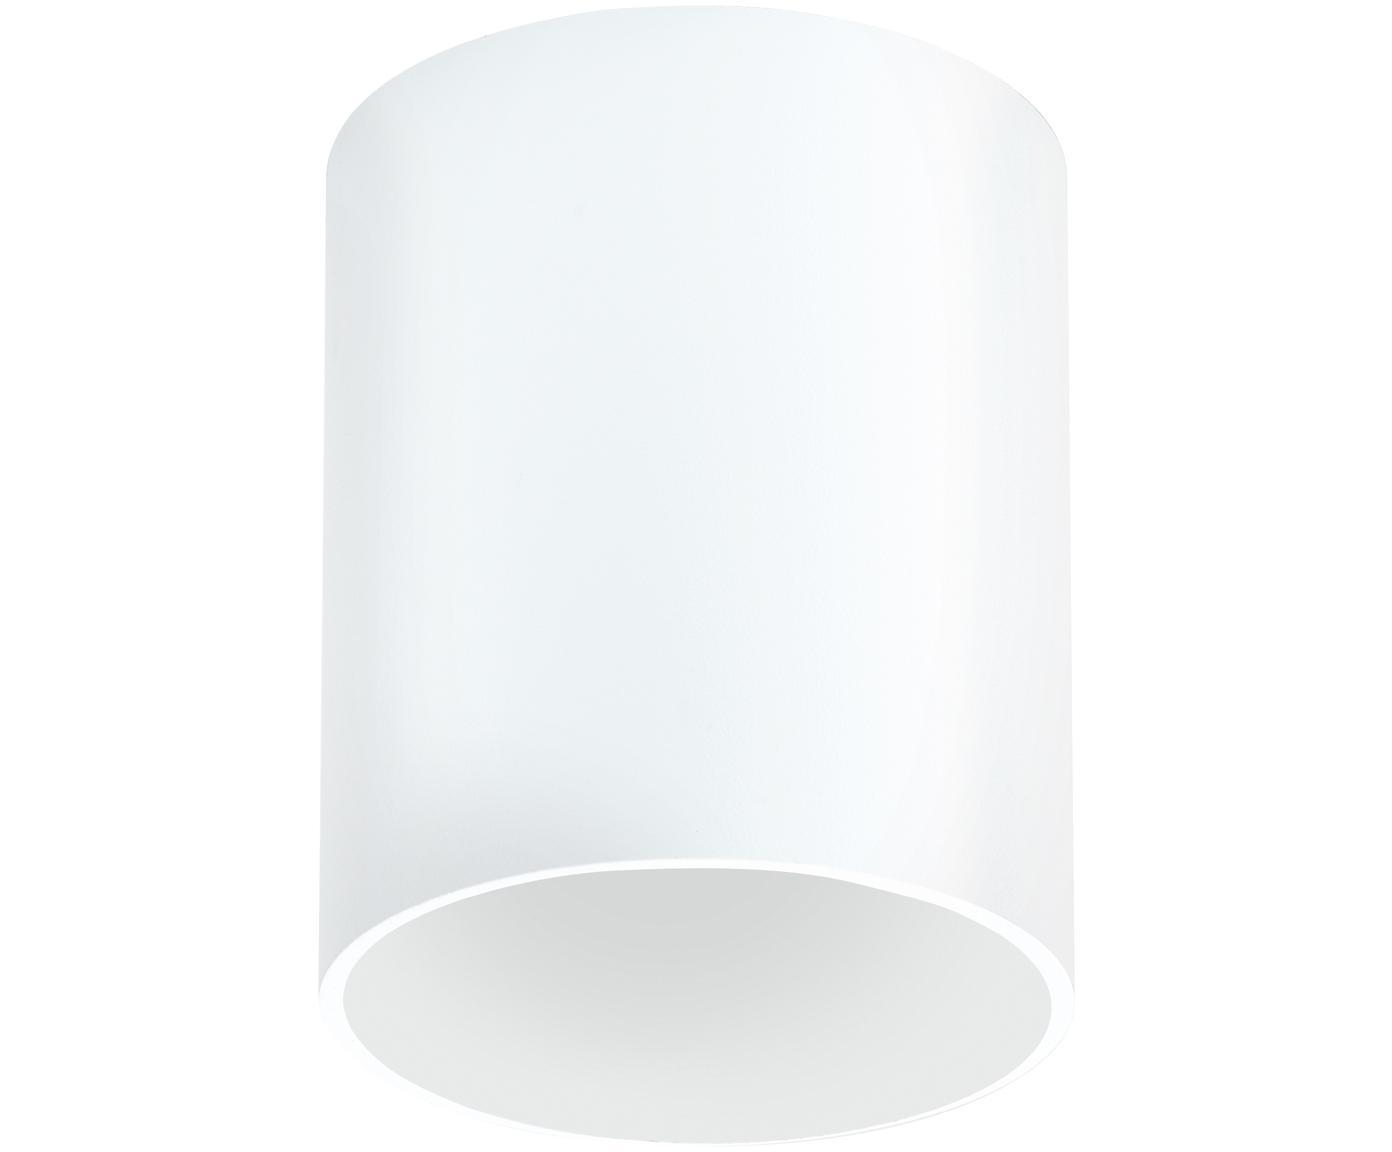 Faretto da soffitto a LED Marty, Metallo verniciato a polvere, Bianco opaco, Ø 10 x Alt. 12 cm